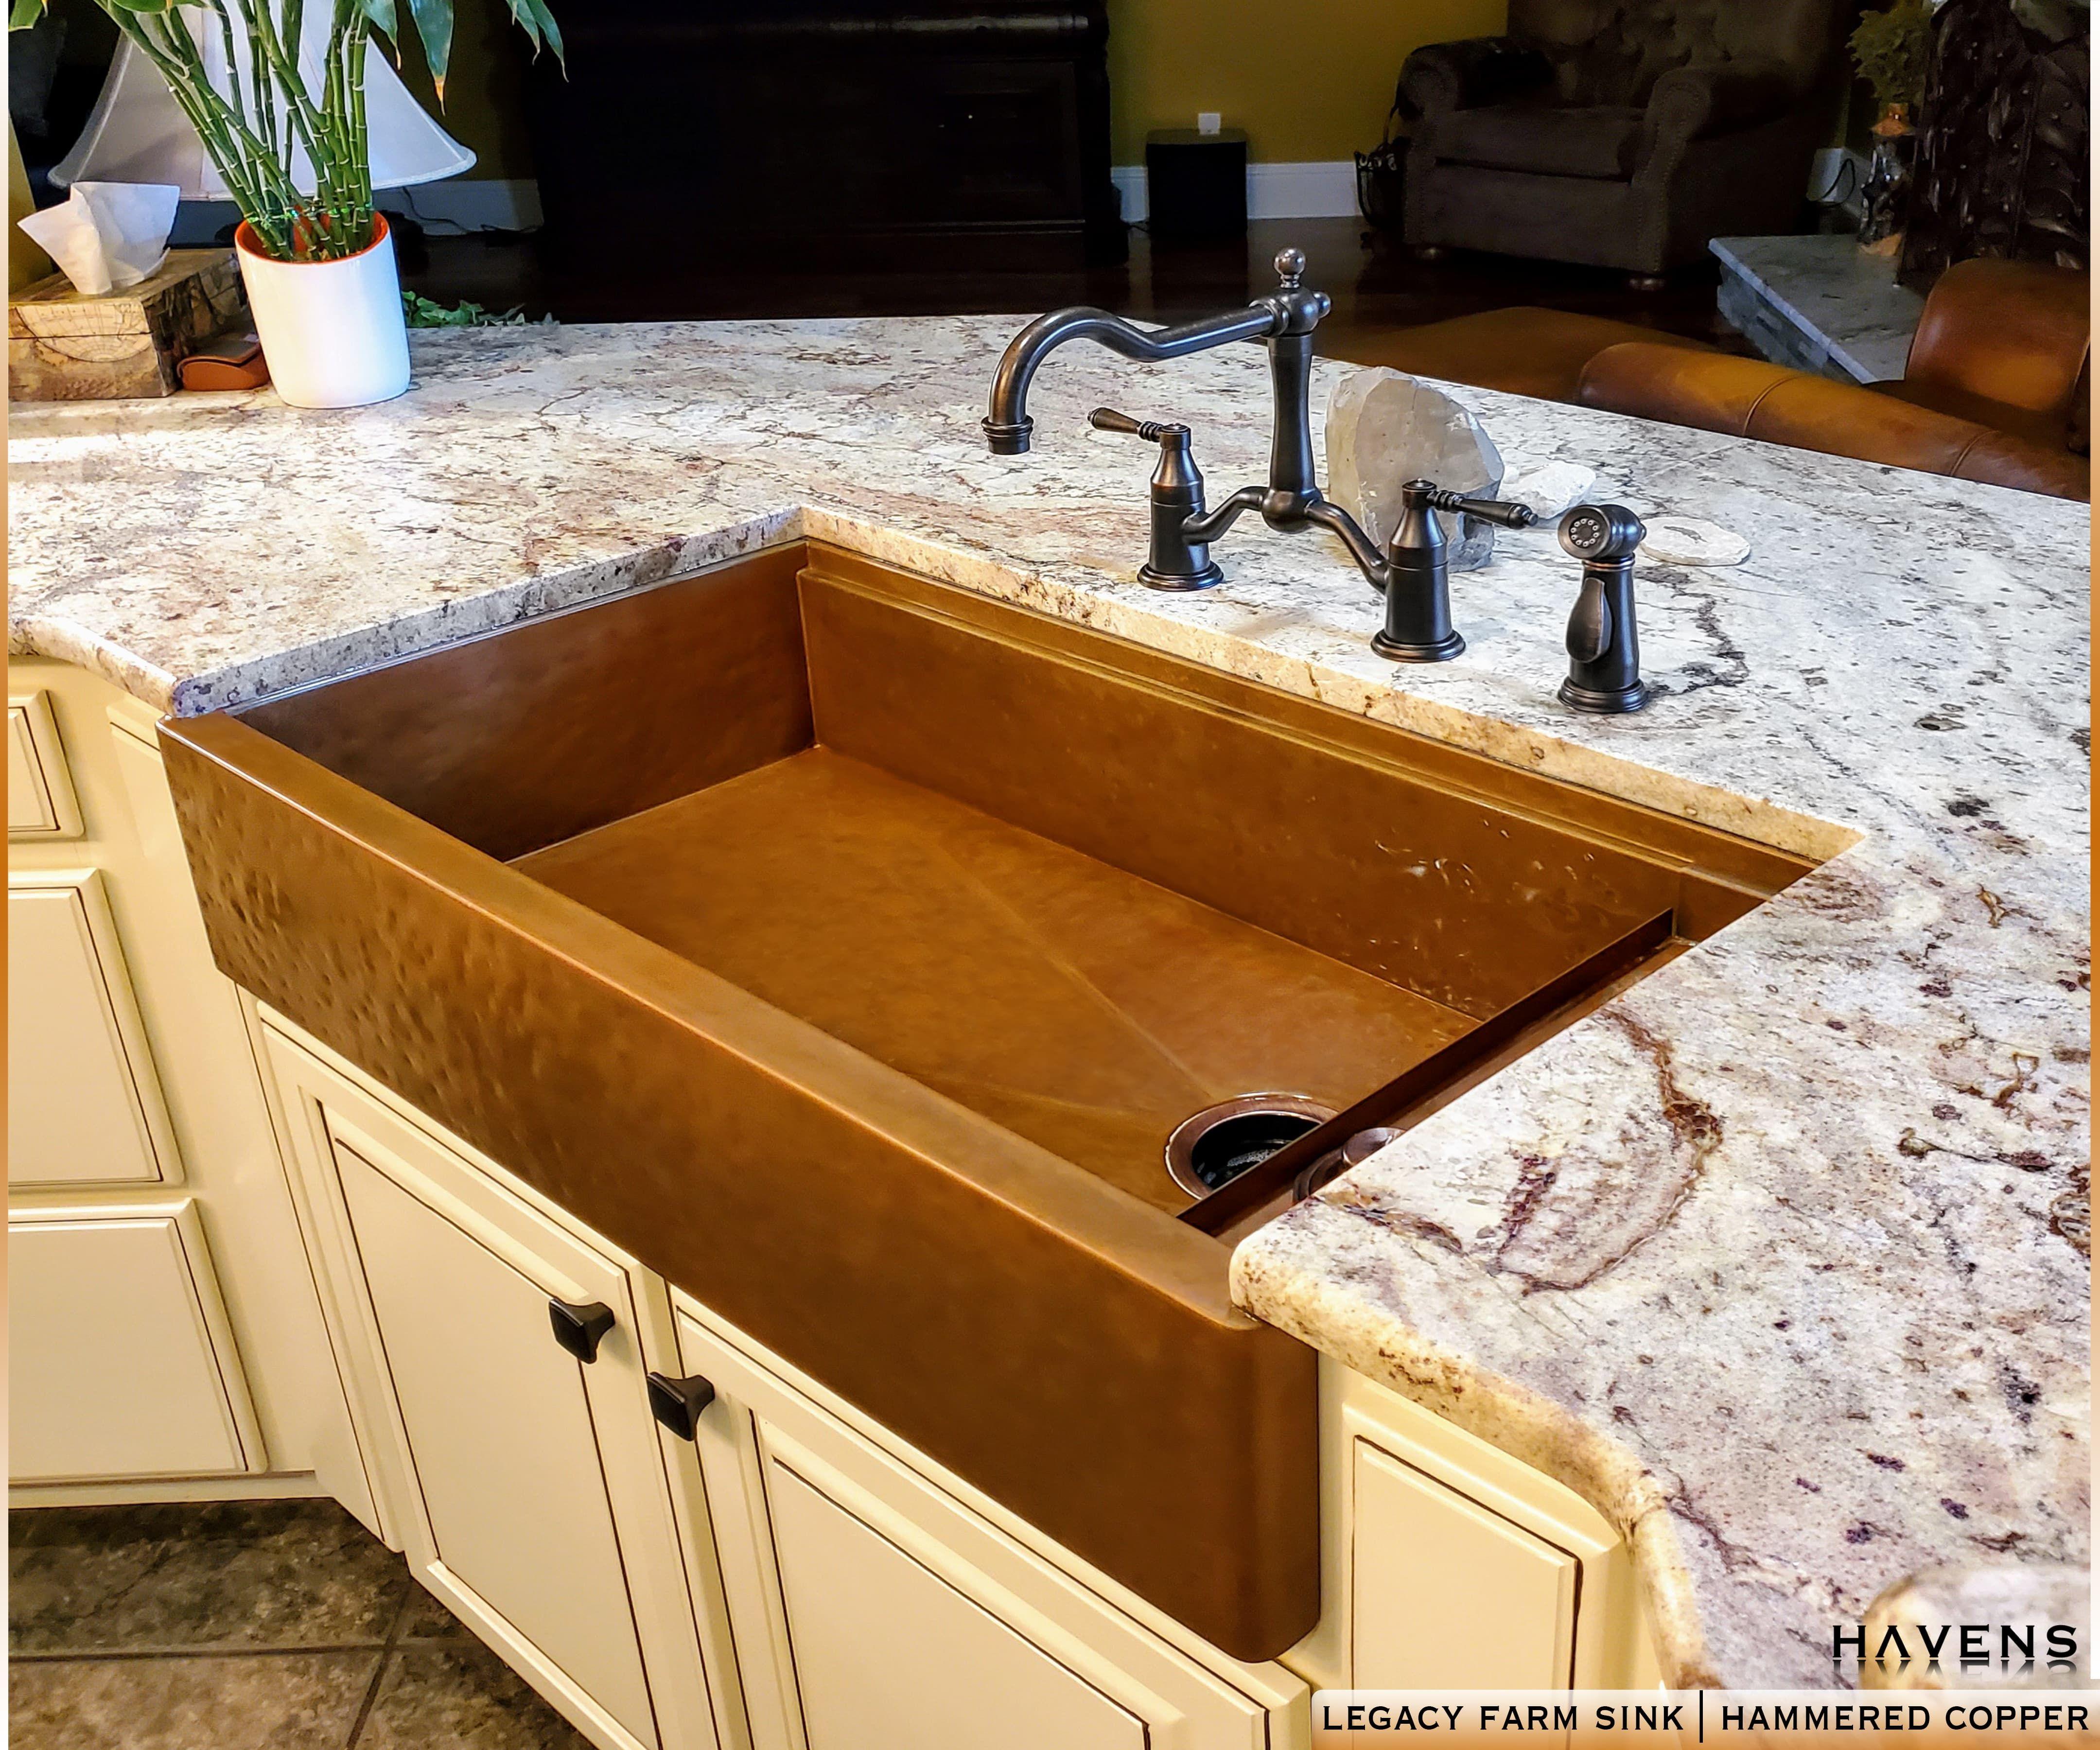 Hammered Copper Farmhouse Sink Havensmetal Com Havensgallery Com Copper Farmhouse Sinks Farmhouse Sink Sink